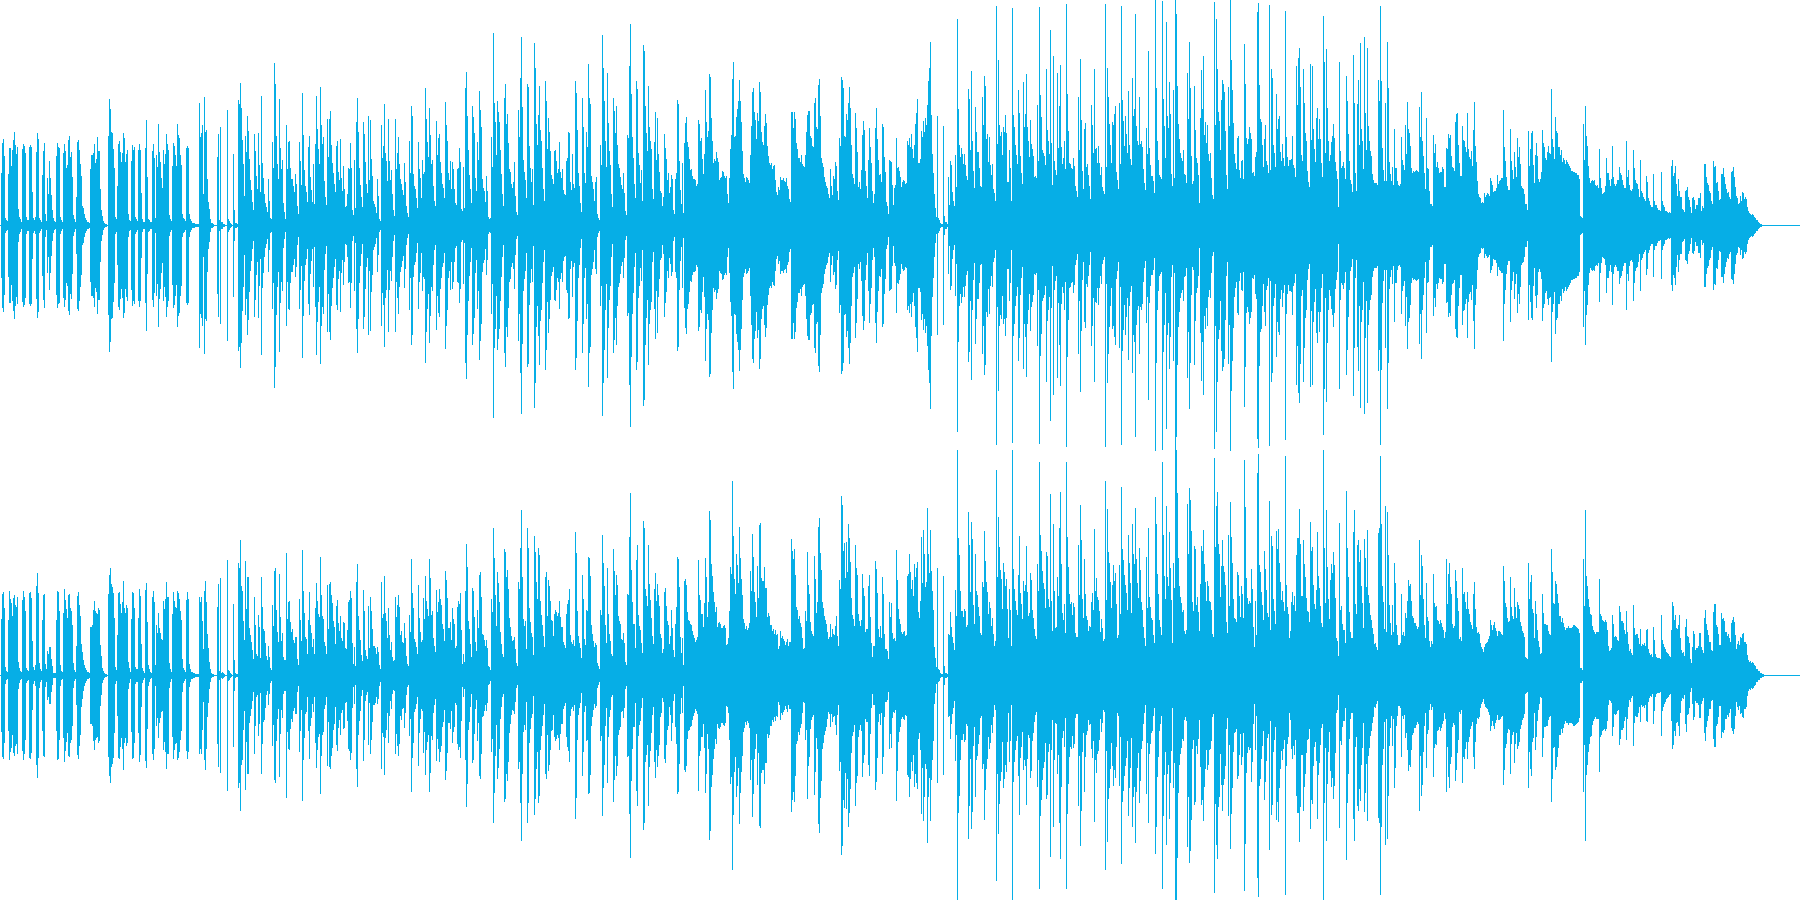 あほっぽく可愛らしい雰囲気のBGMの再生済みの波形